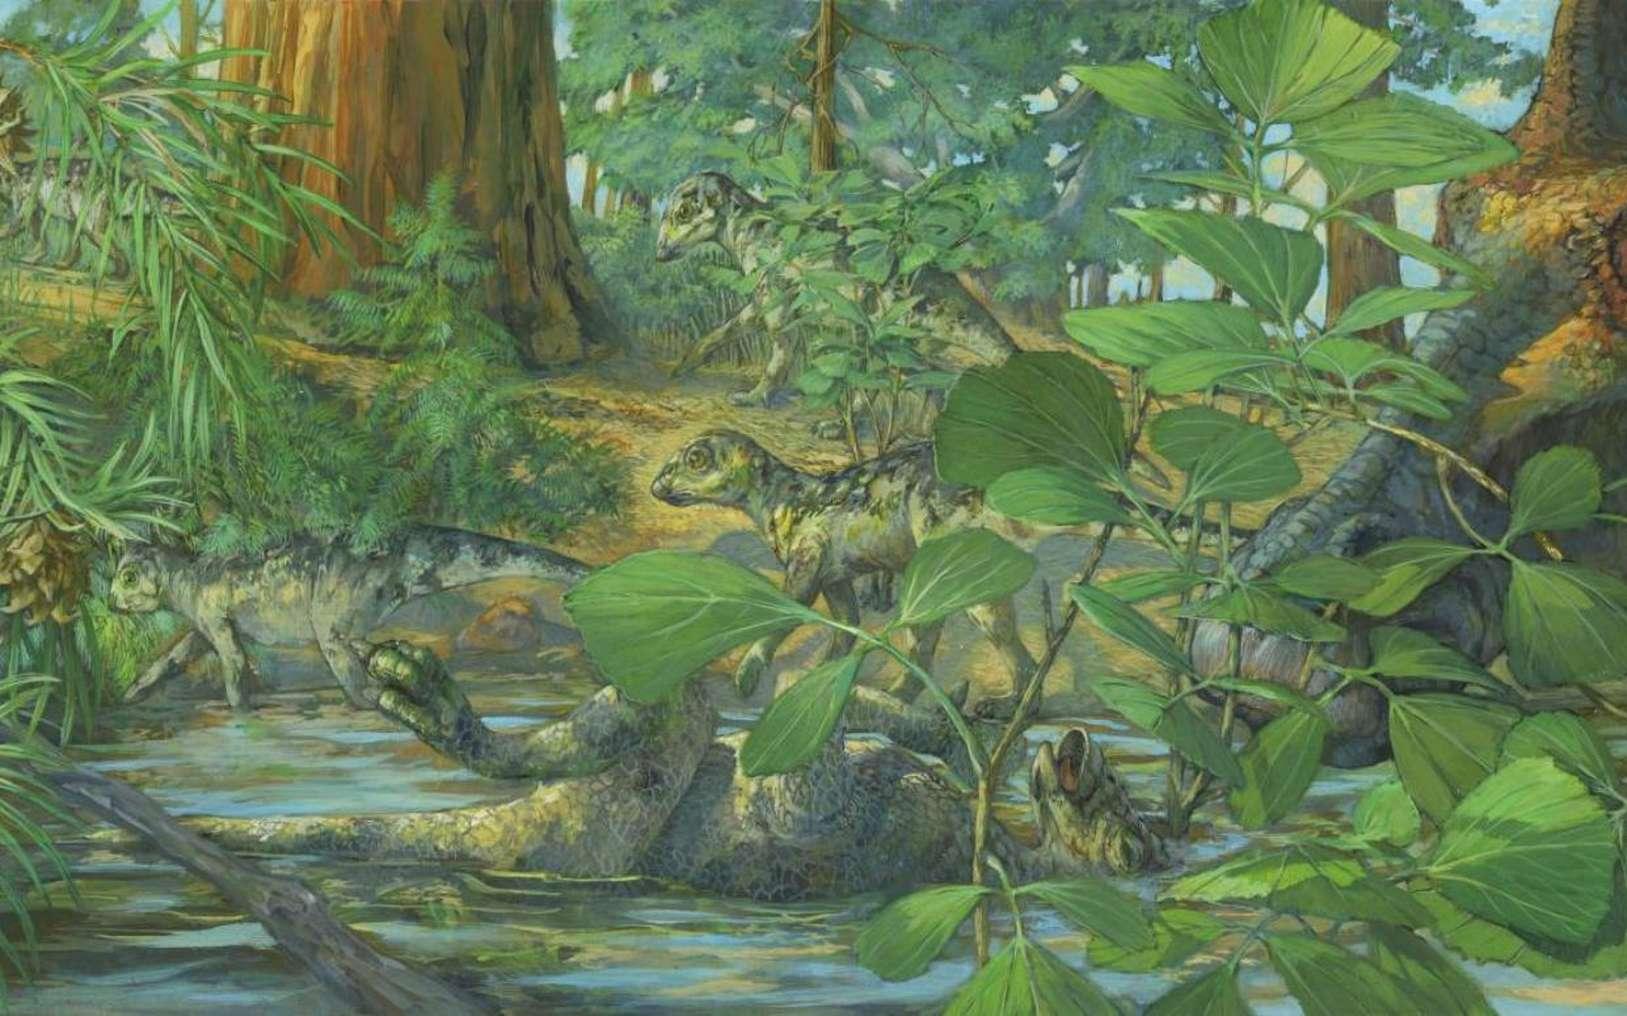 Reconstruction du site de nidification d'Hypacrosaurus stebingeri de la formation Two Medicine du Montana. Au centre, on peut voir un Hypacrosaurus décédé avec l'arrière de son crâne noyé dans des eaux peu profondes. Un adulte en deuil est représenté à droite. Art de Michael Rothman. © Science China Press